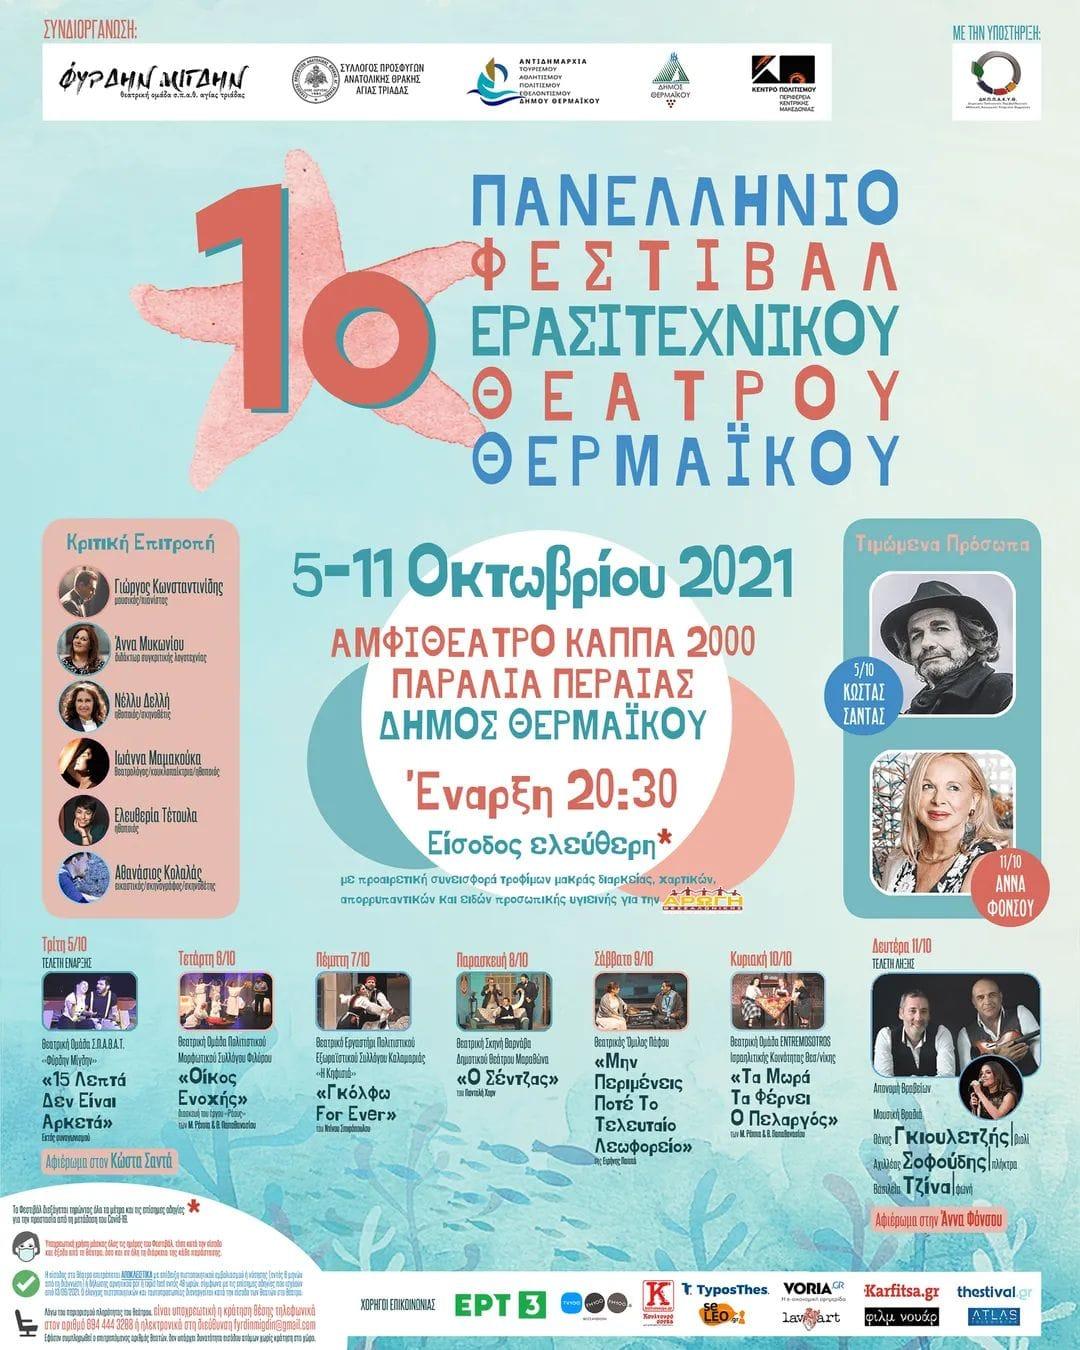 Το πρόγραμμα του 1ου Φεστιβάλ Ερασιτεχνικού Θεάτρου Θερμαϊκού